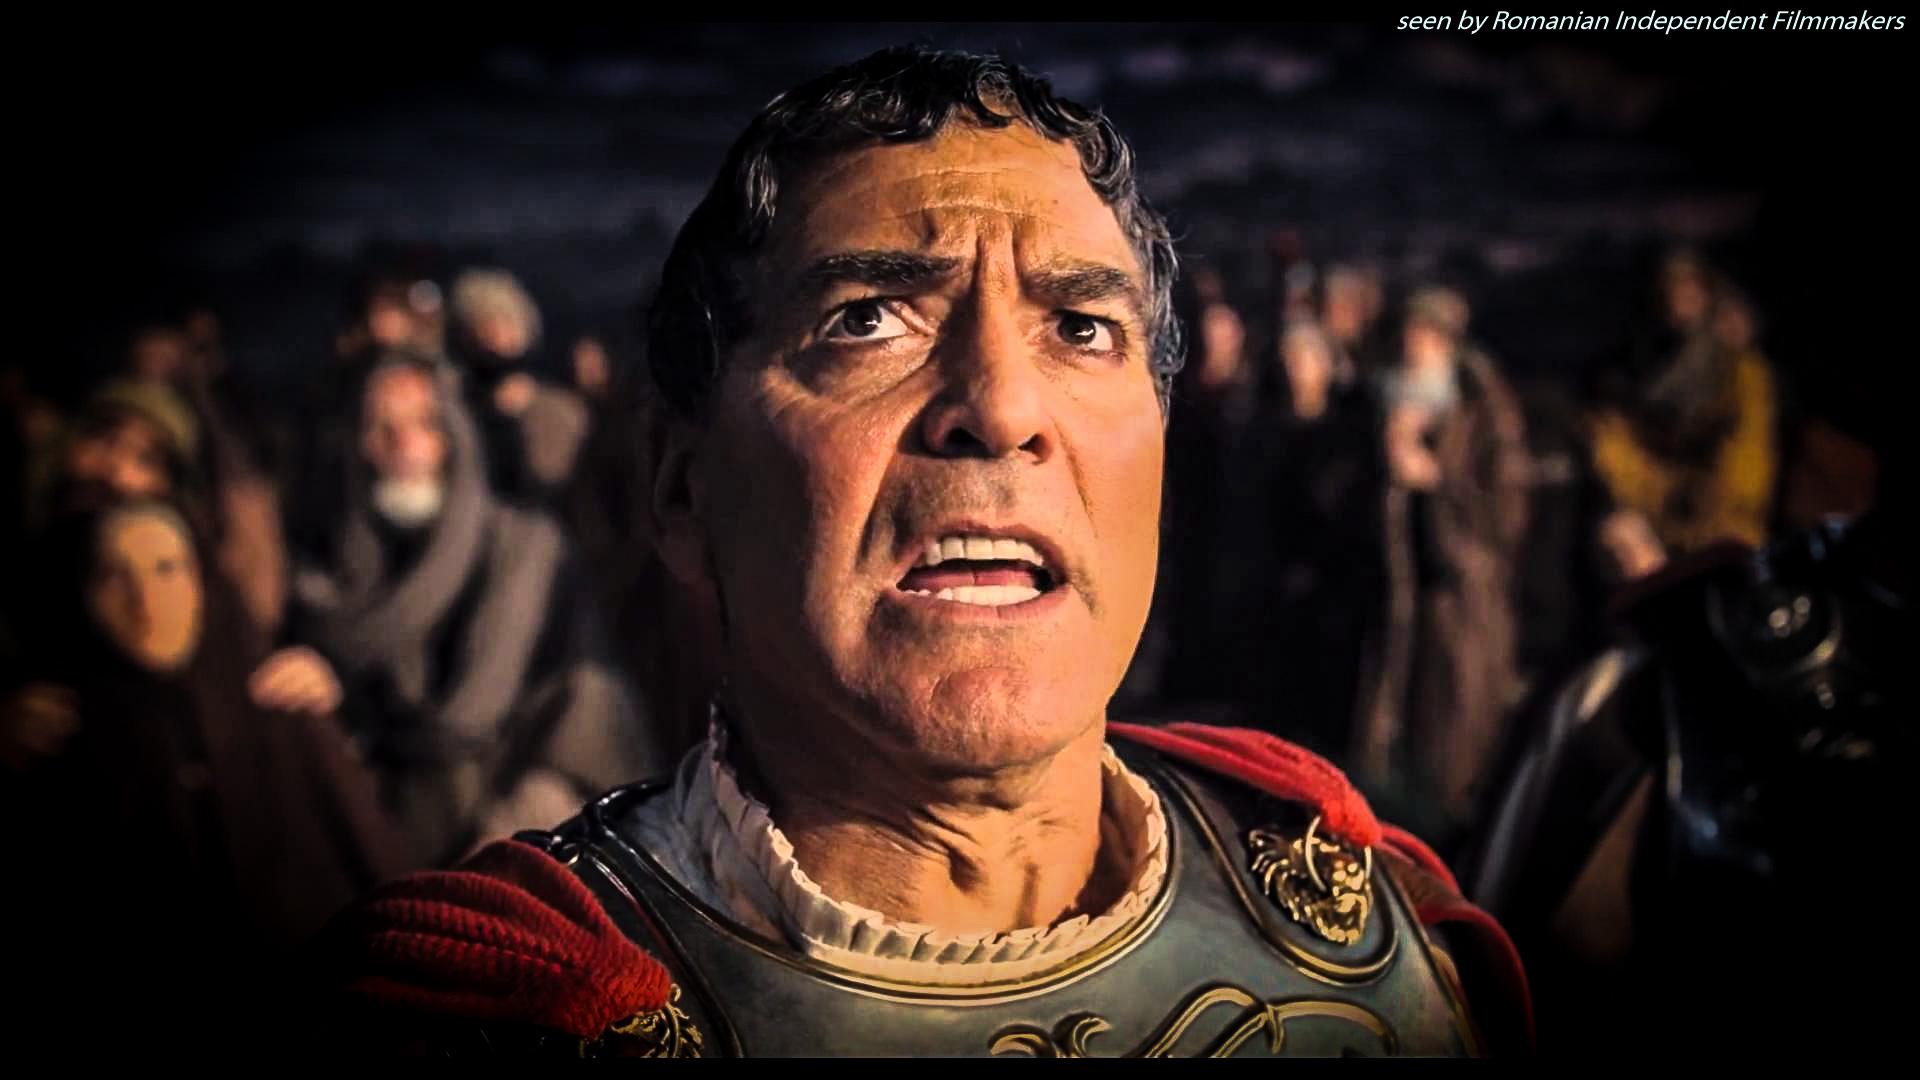 No servus, Cezar